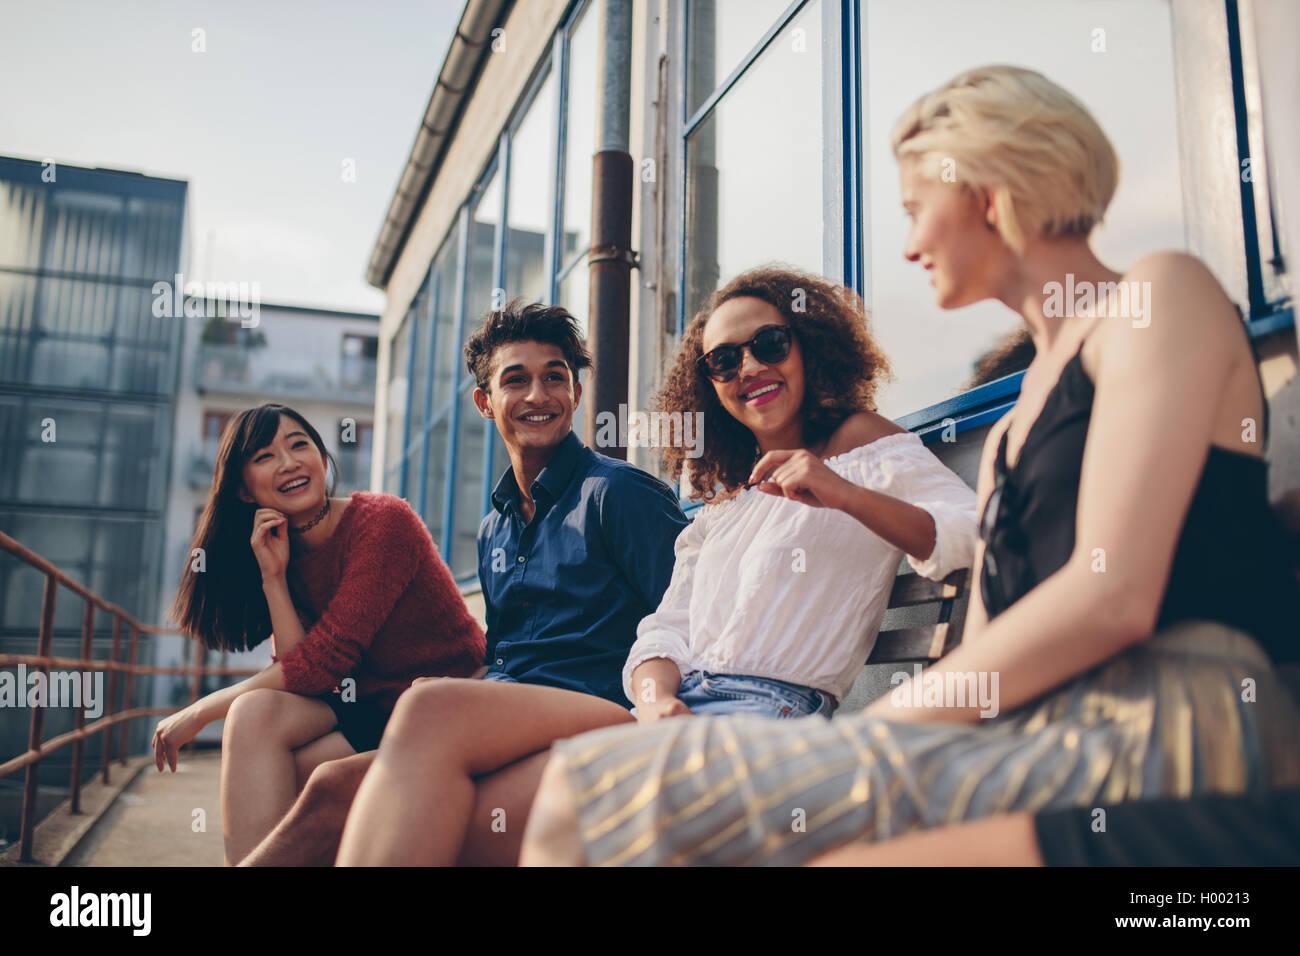 Inquadratura di gruppo multietnico di amici seduti in balcone e parlare. I giovani di relax all'aperto in terrazza Immagini Stock